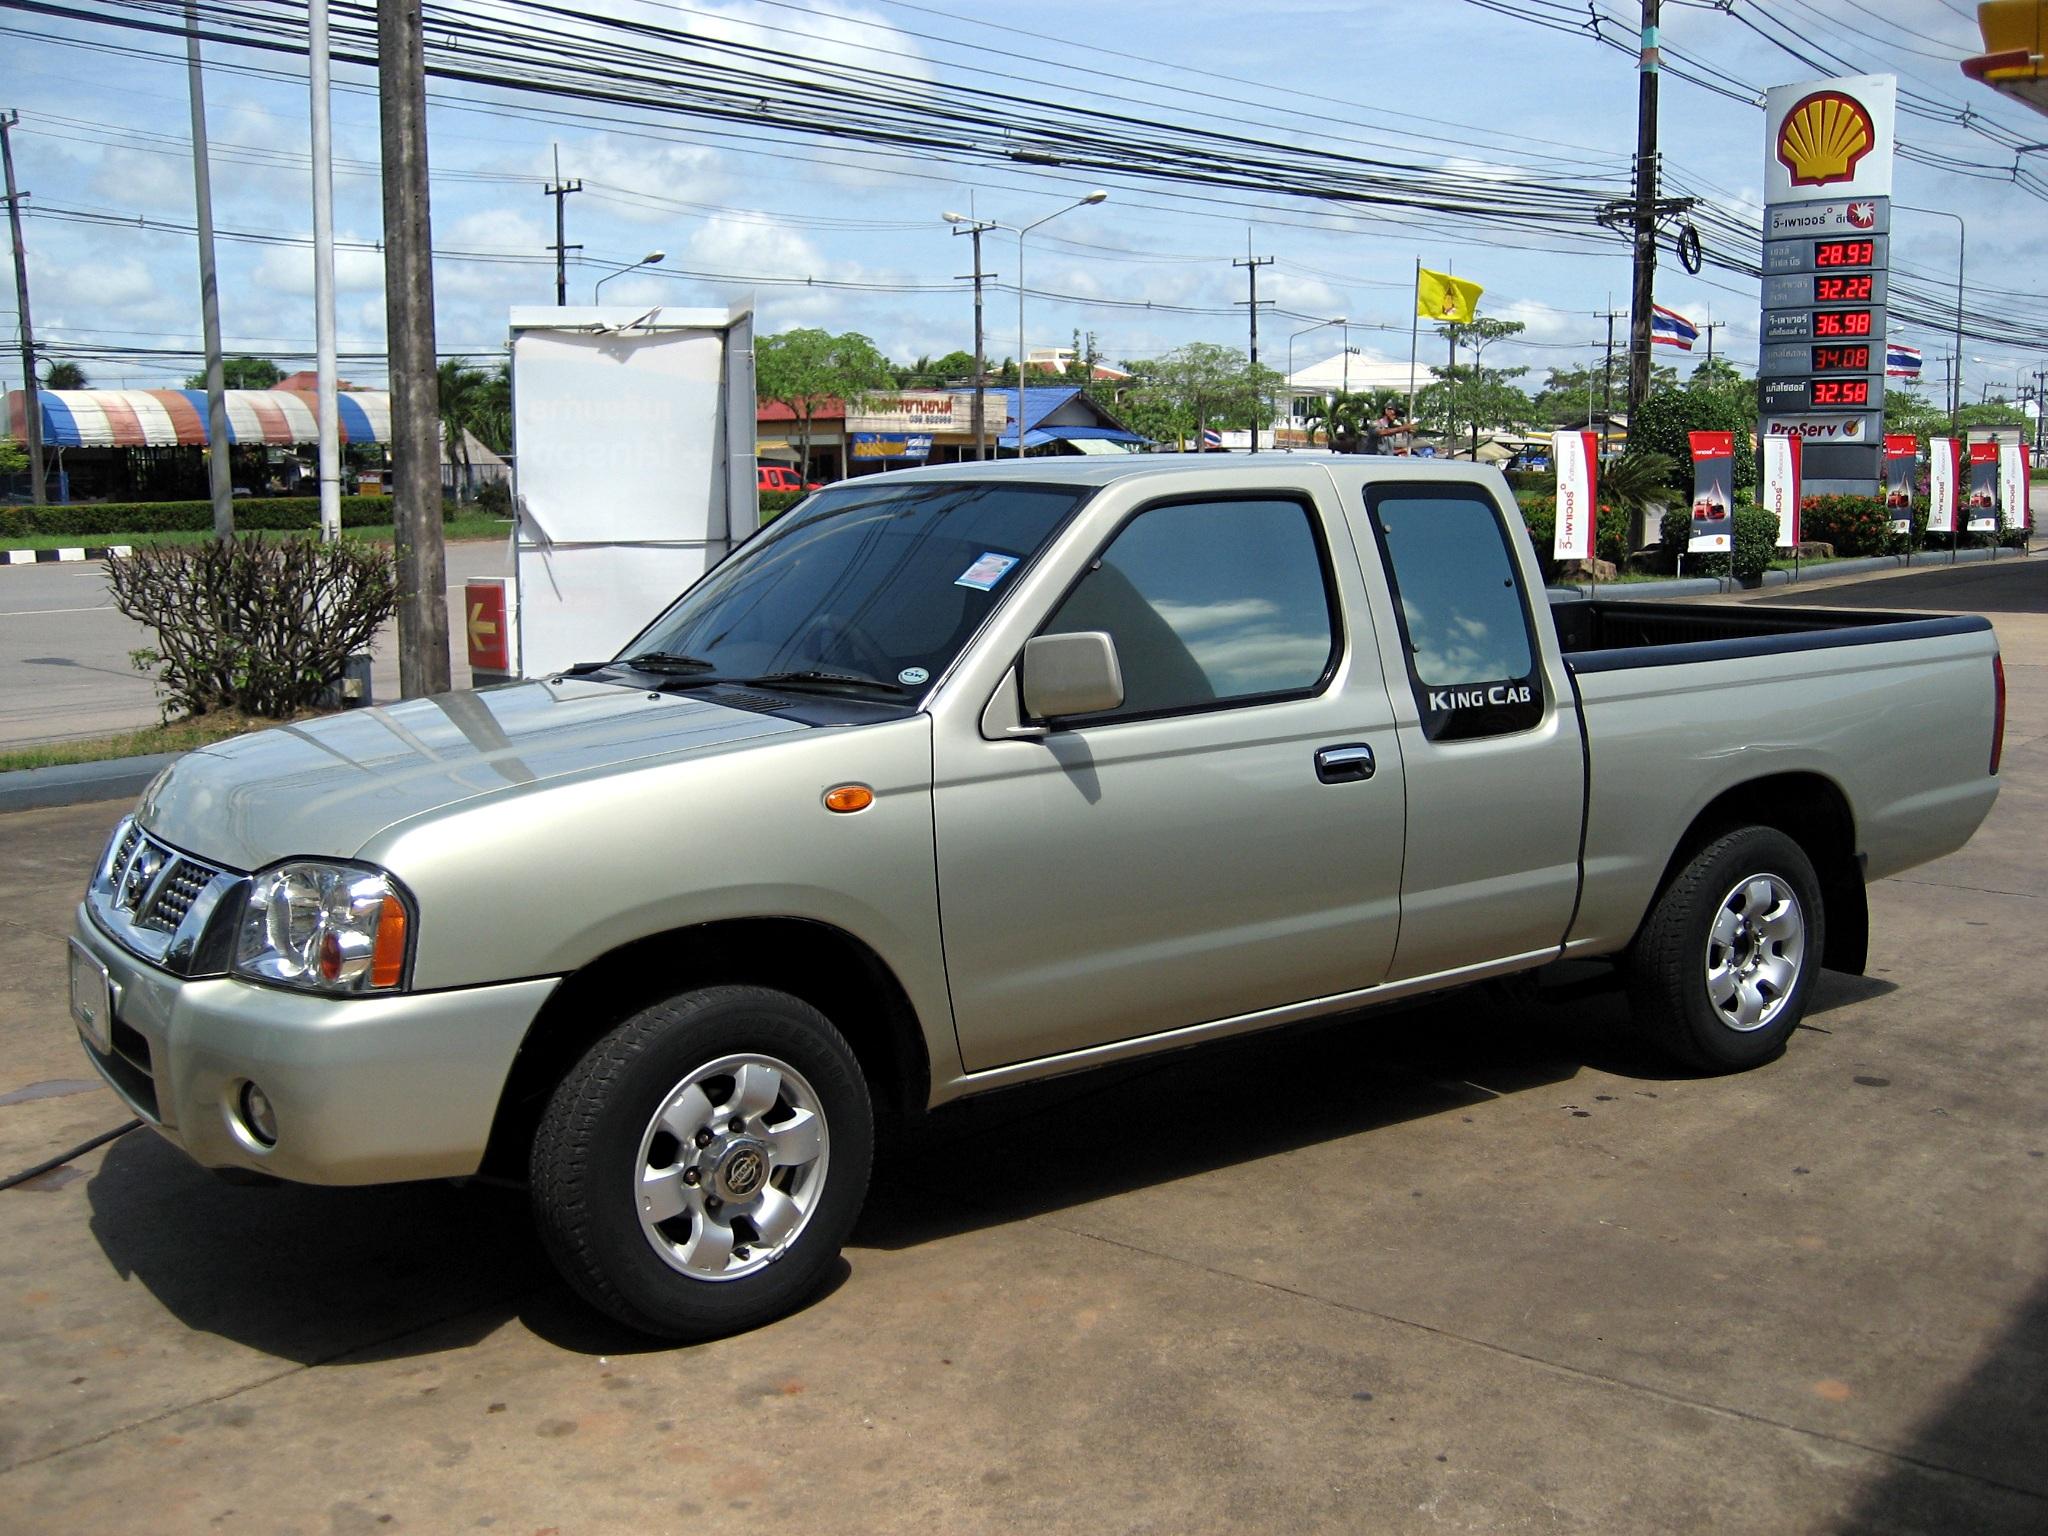 2003 Nissan Frontier #20 Nissan Frontier #20